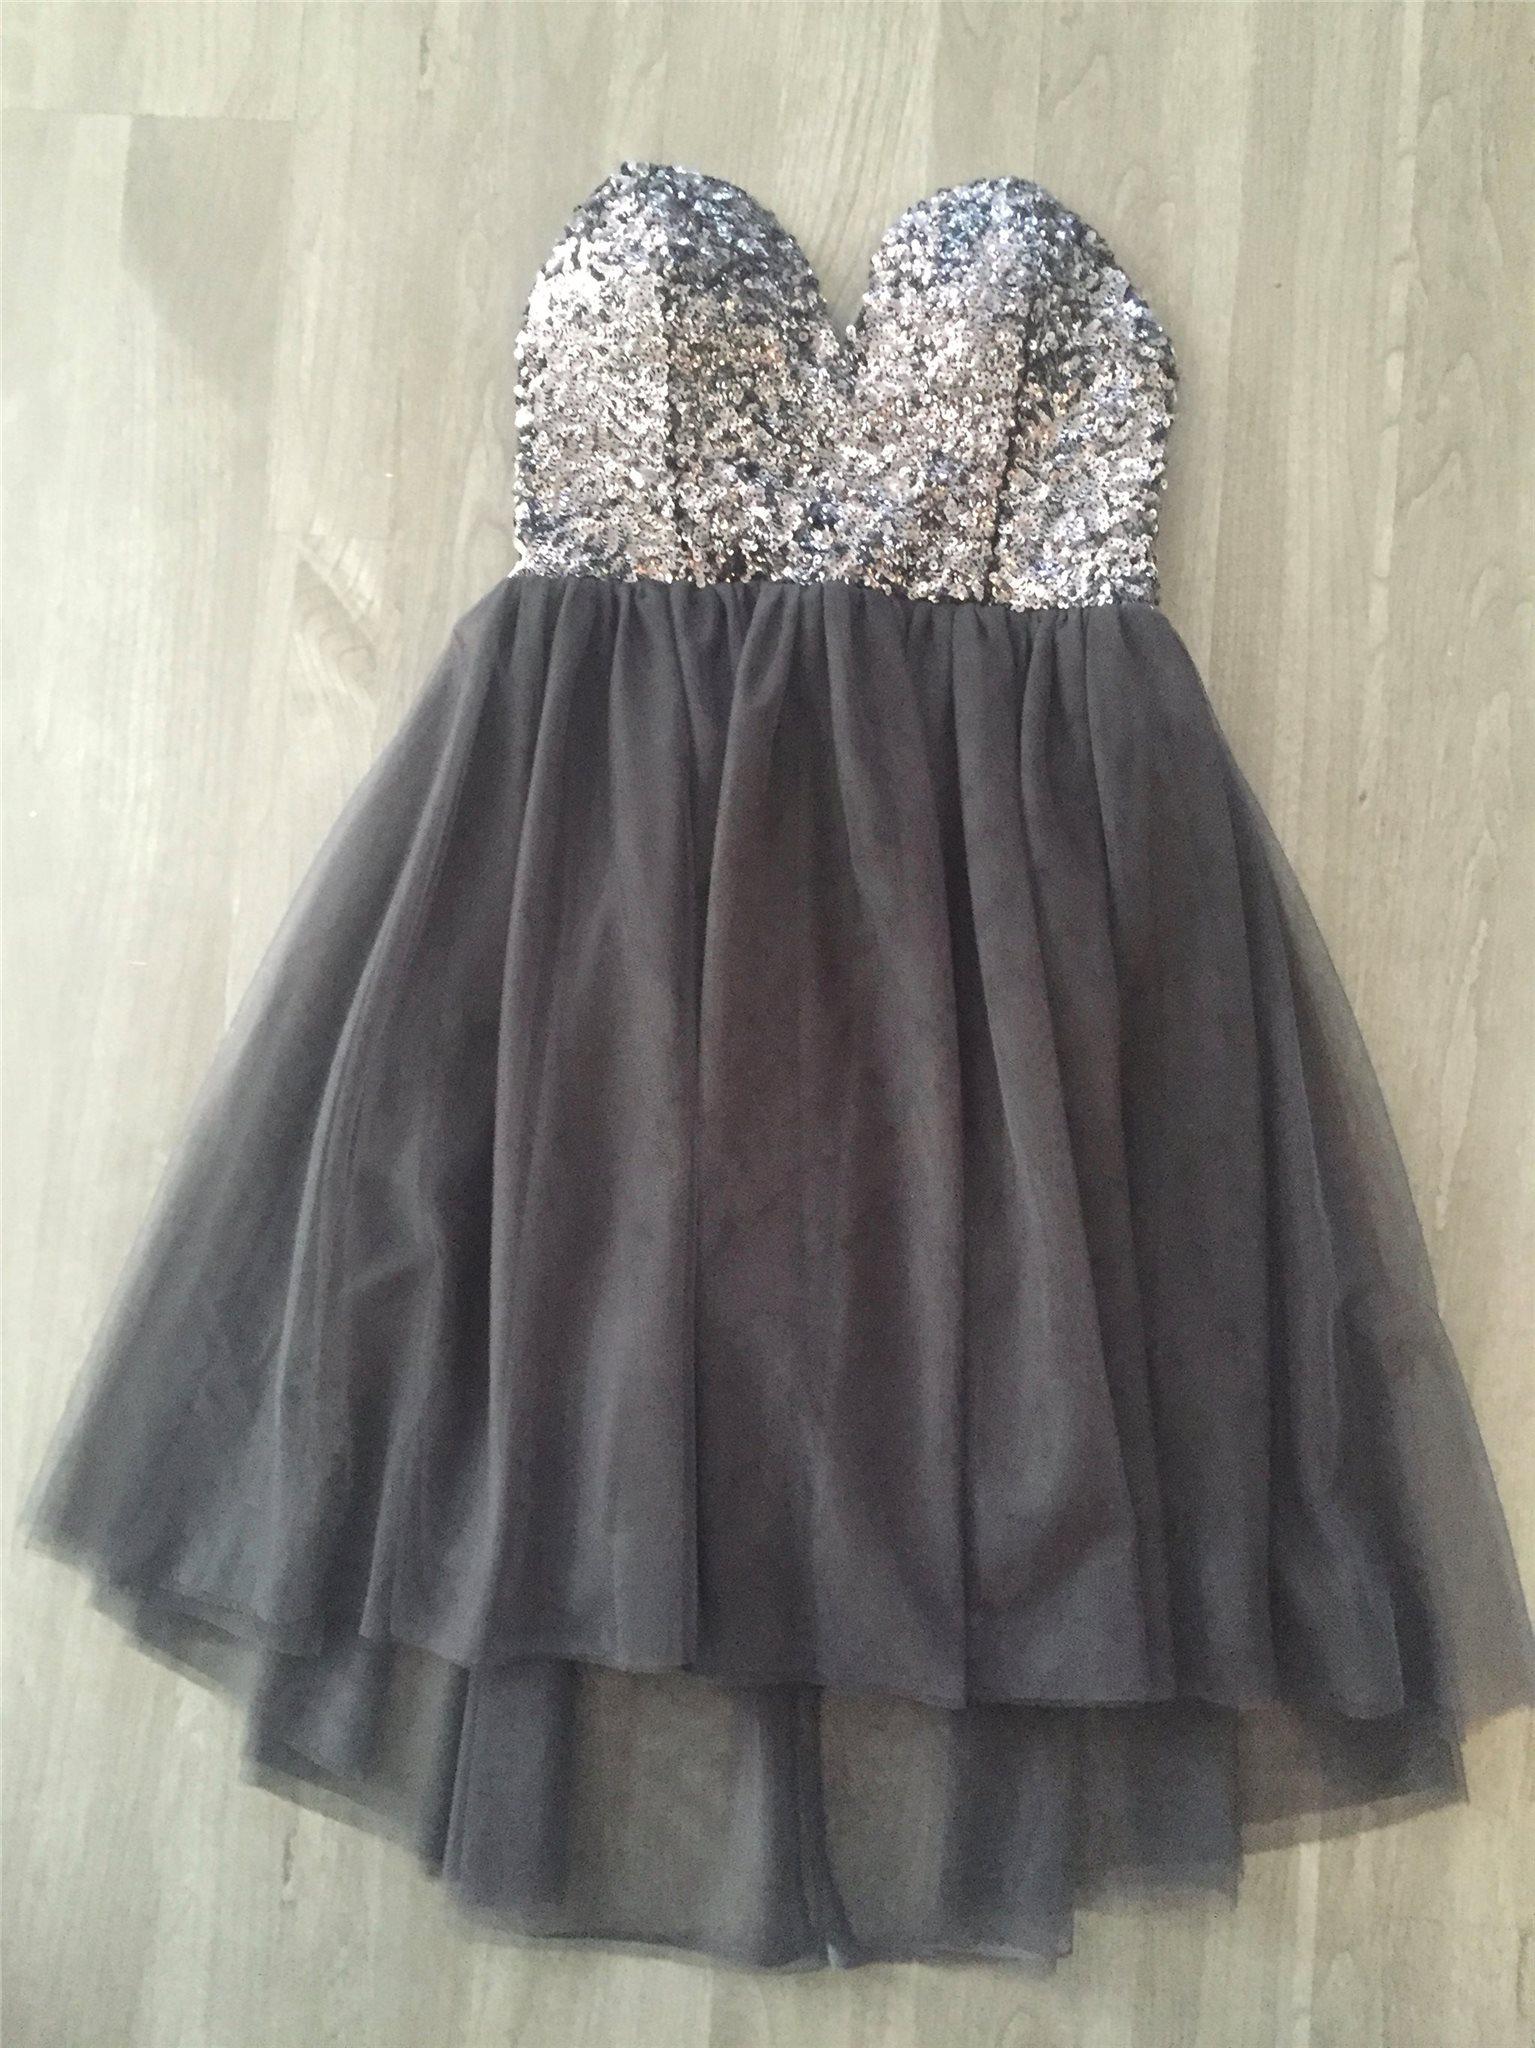 9e209de822f0 Gina Tricot klänning med paljetter och tyll (ny.. (350613488) ᐈ Köp ...